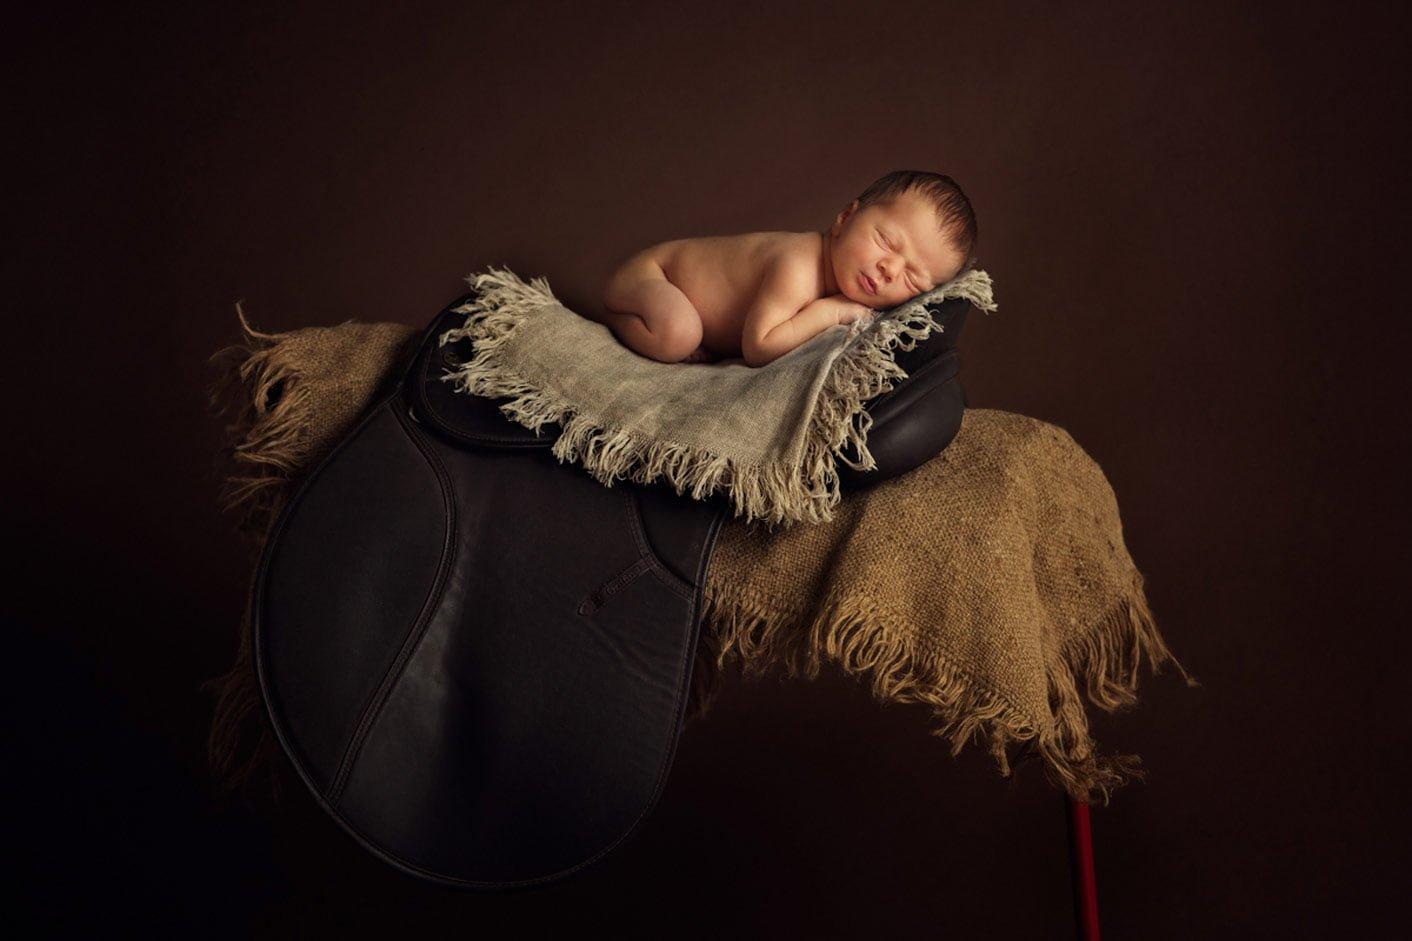 Newborn baby on the horse saddle.